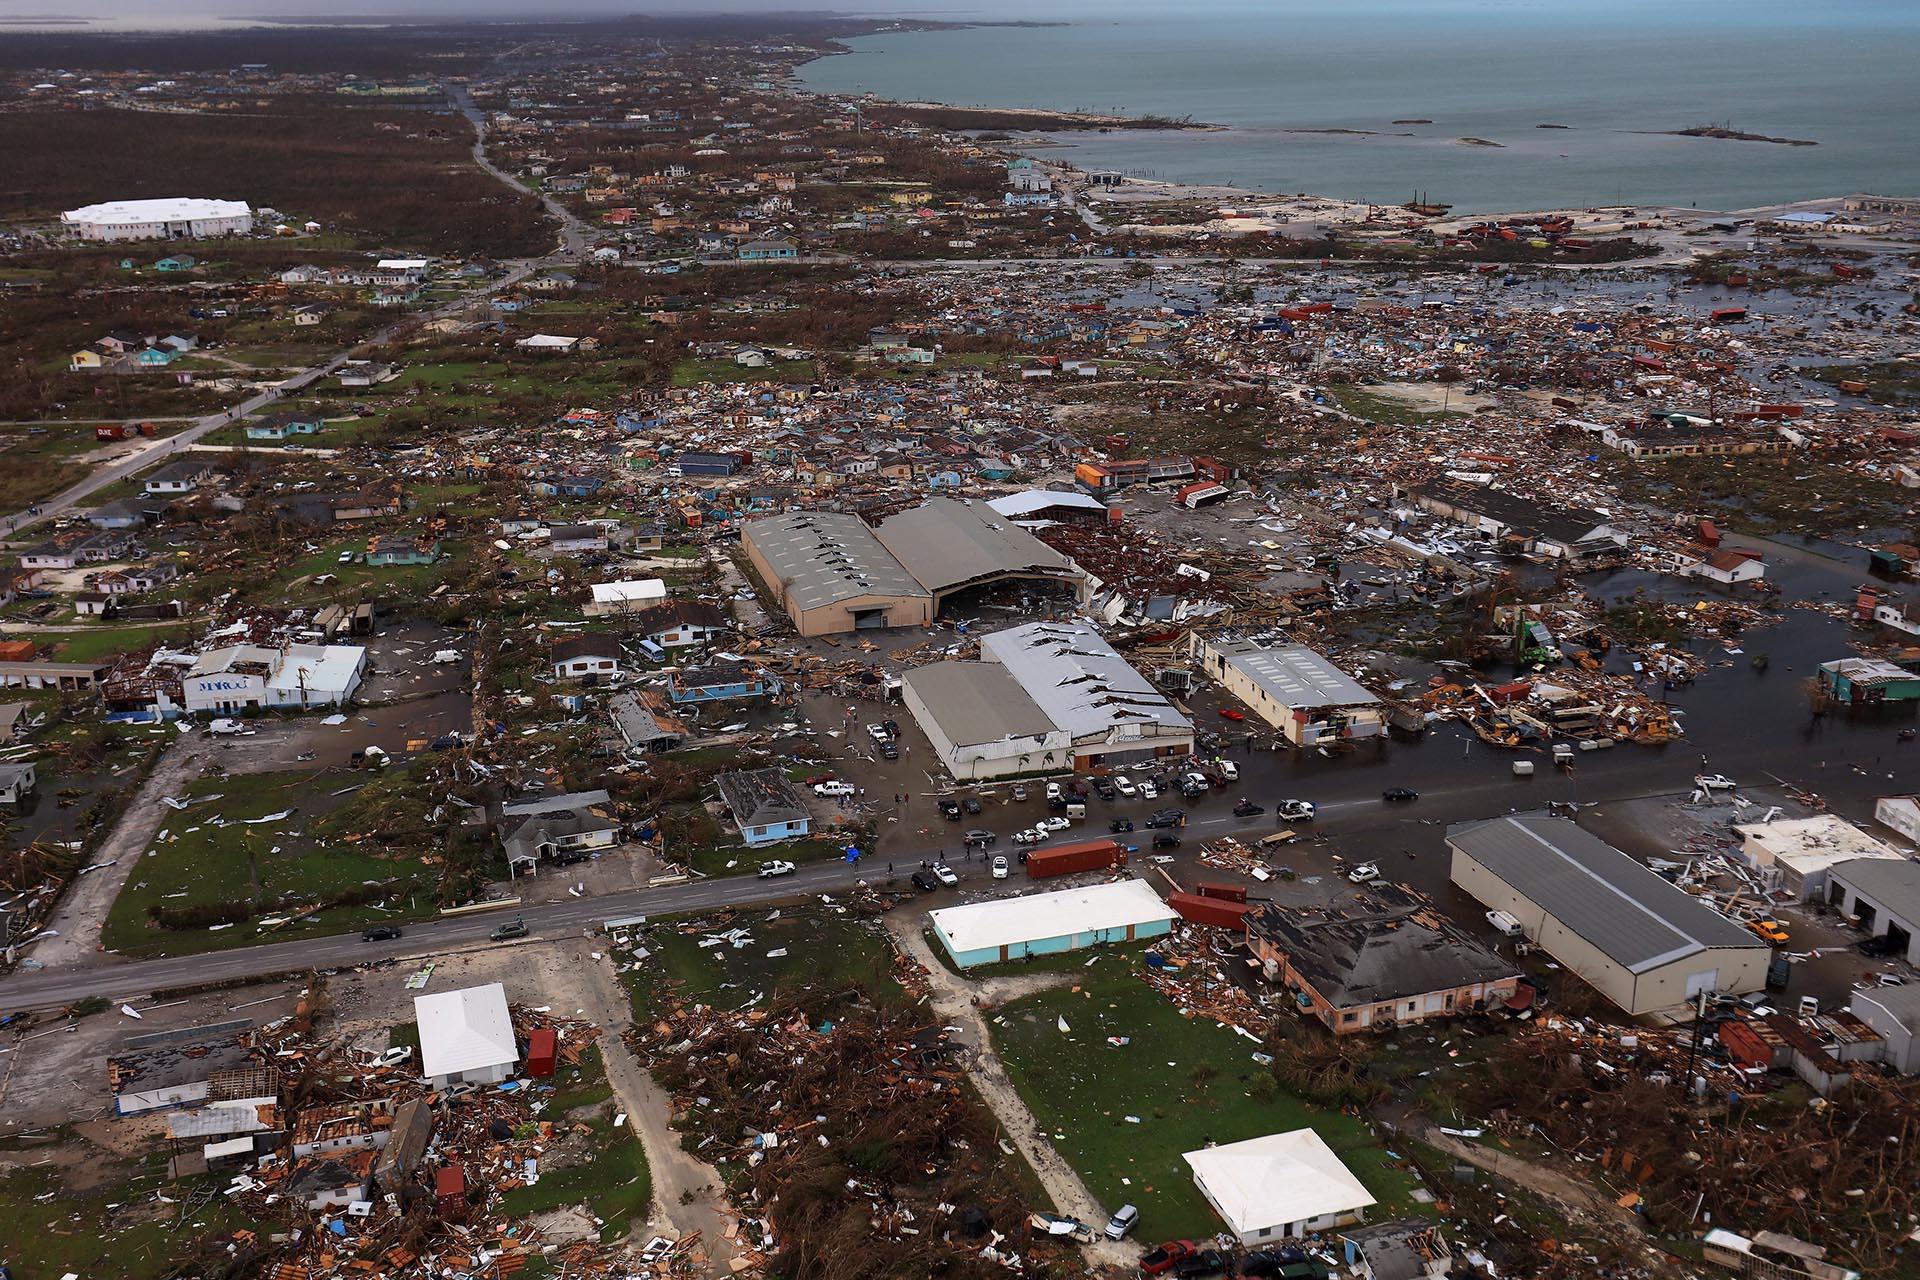 Los equipos de rescate en las Bahamas se desplegaron a través de un paisaje devastado de casas destrozadas e inundadas que intentaban llegar a las víctimas empapadas y aturdidas del huracán Dorian y tomar la medida completa del desastre